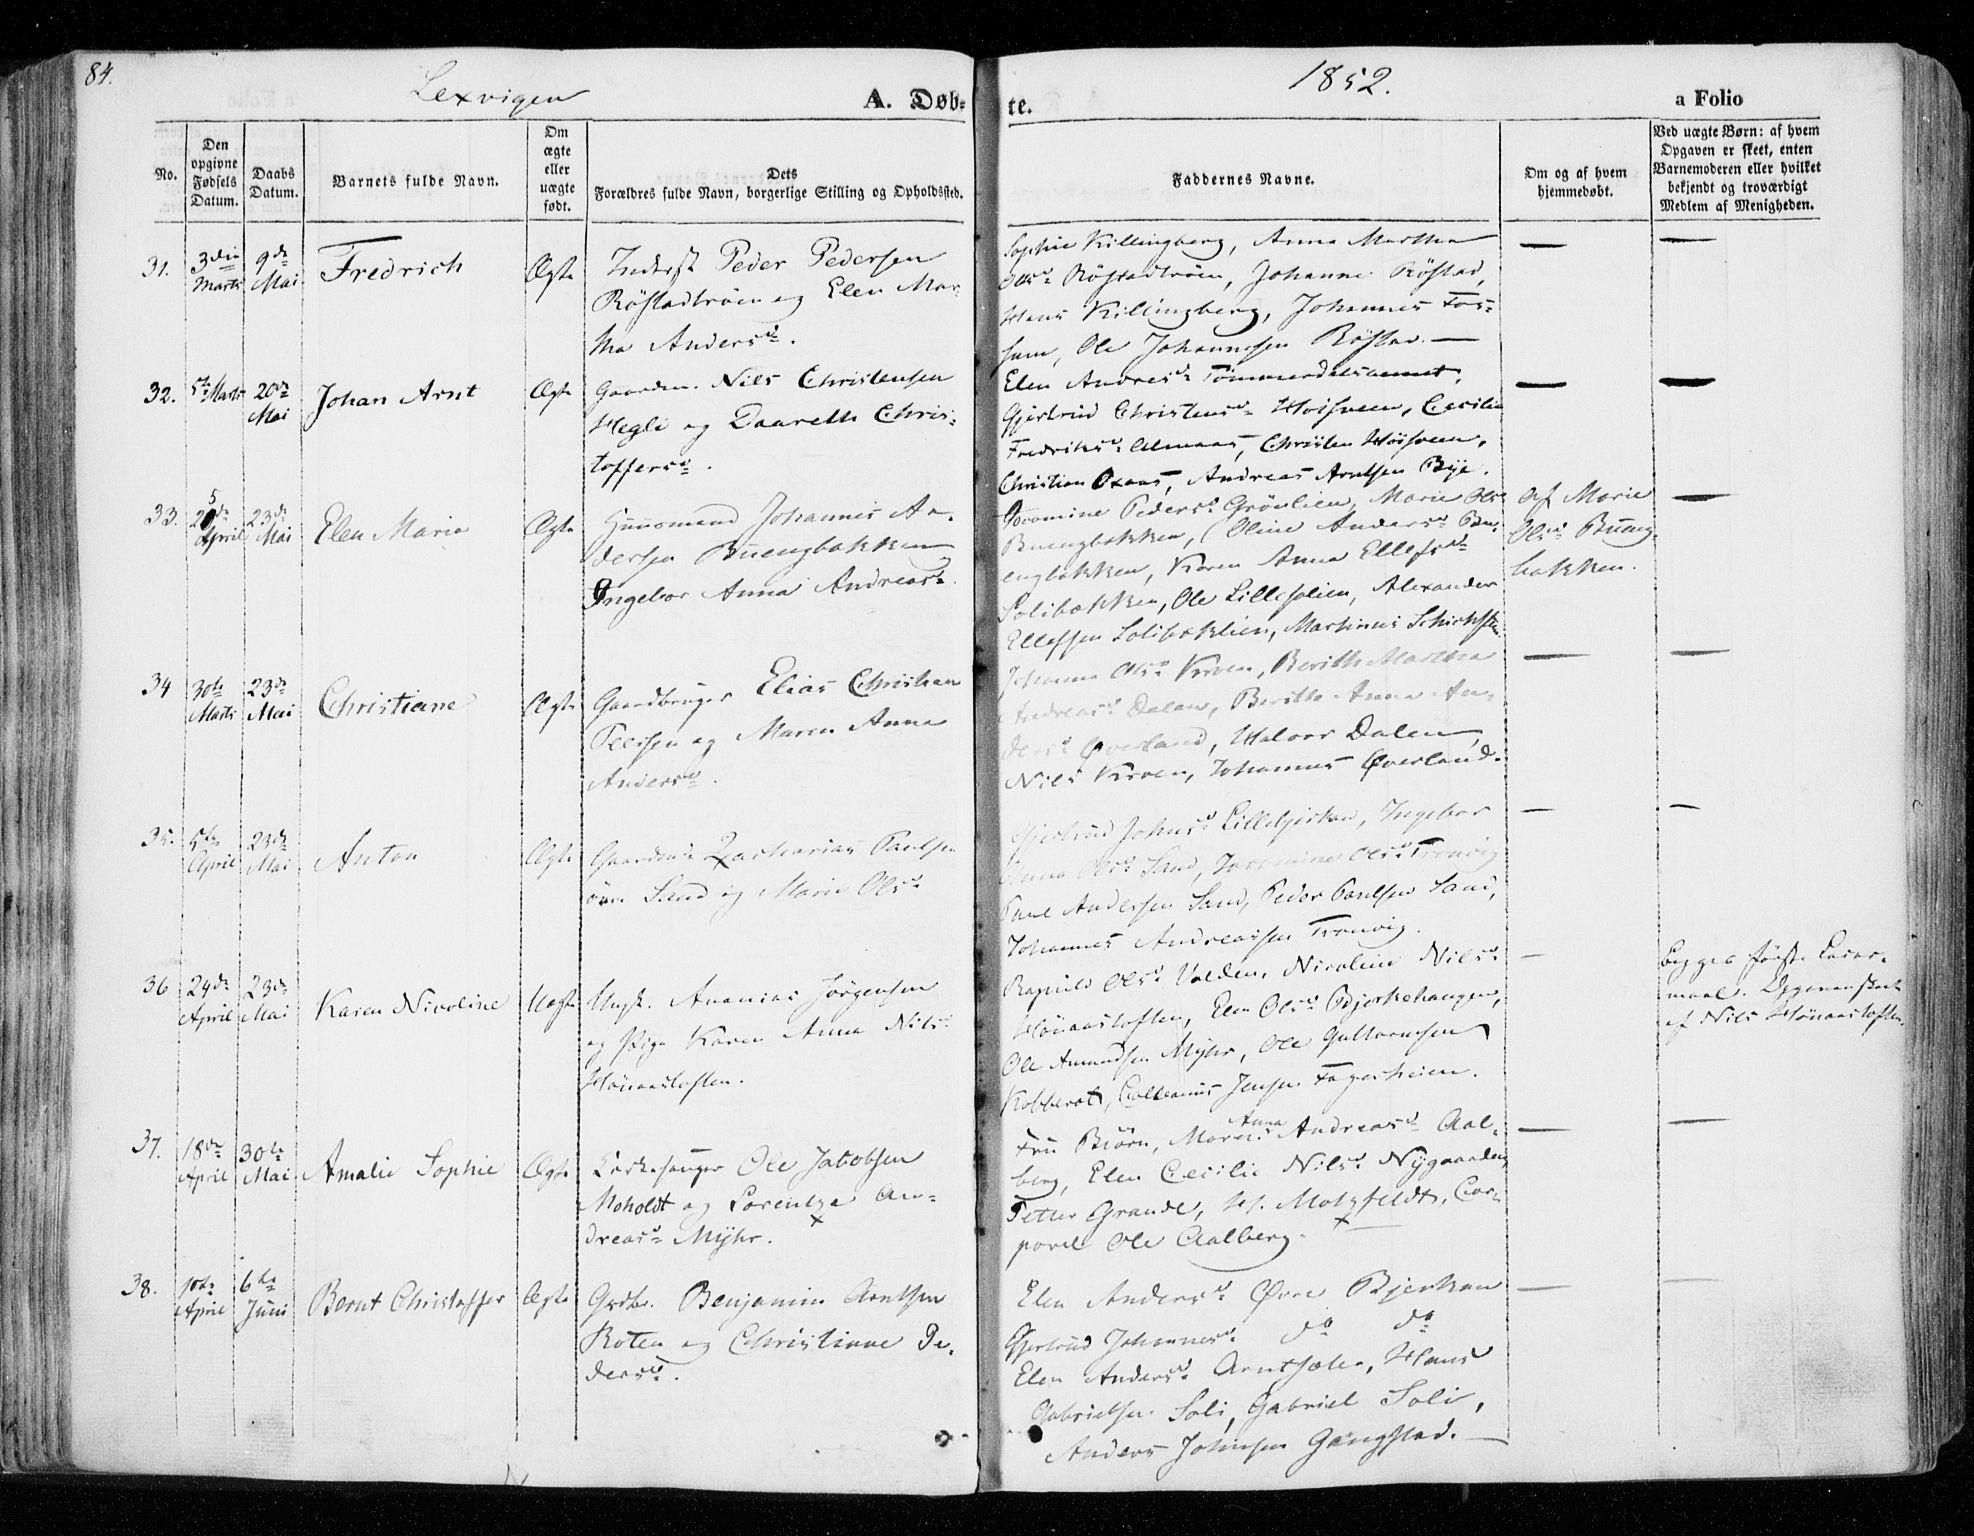 SAT, Ministerialprotokoller, klokkerbøker og fødselsregistre - Nord-Trøndelag, 701/L0007: Ministerialbok nr. 701A07 /1, 1842-1854, s. 84